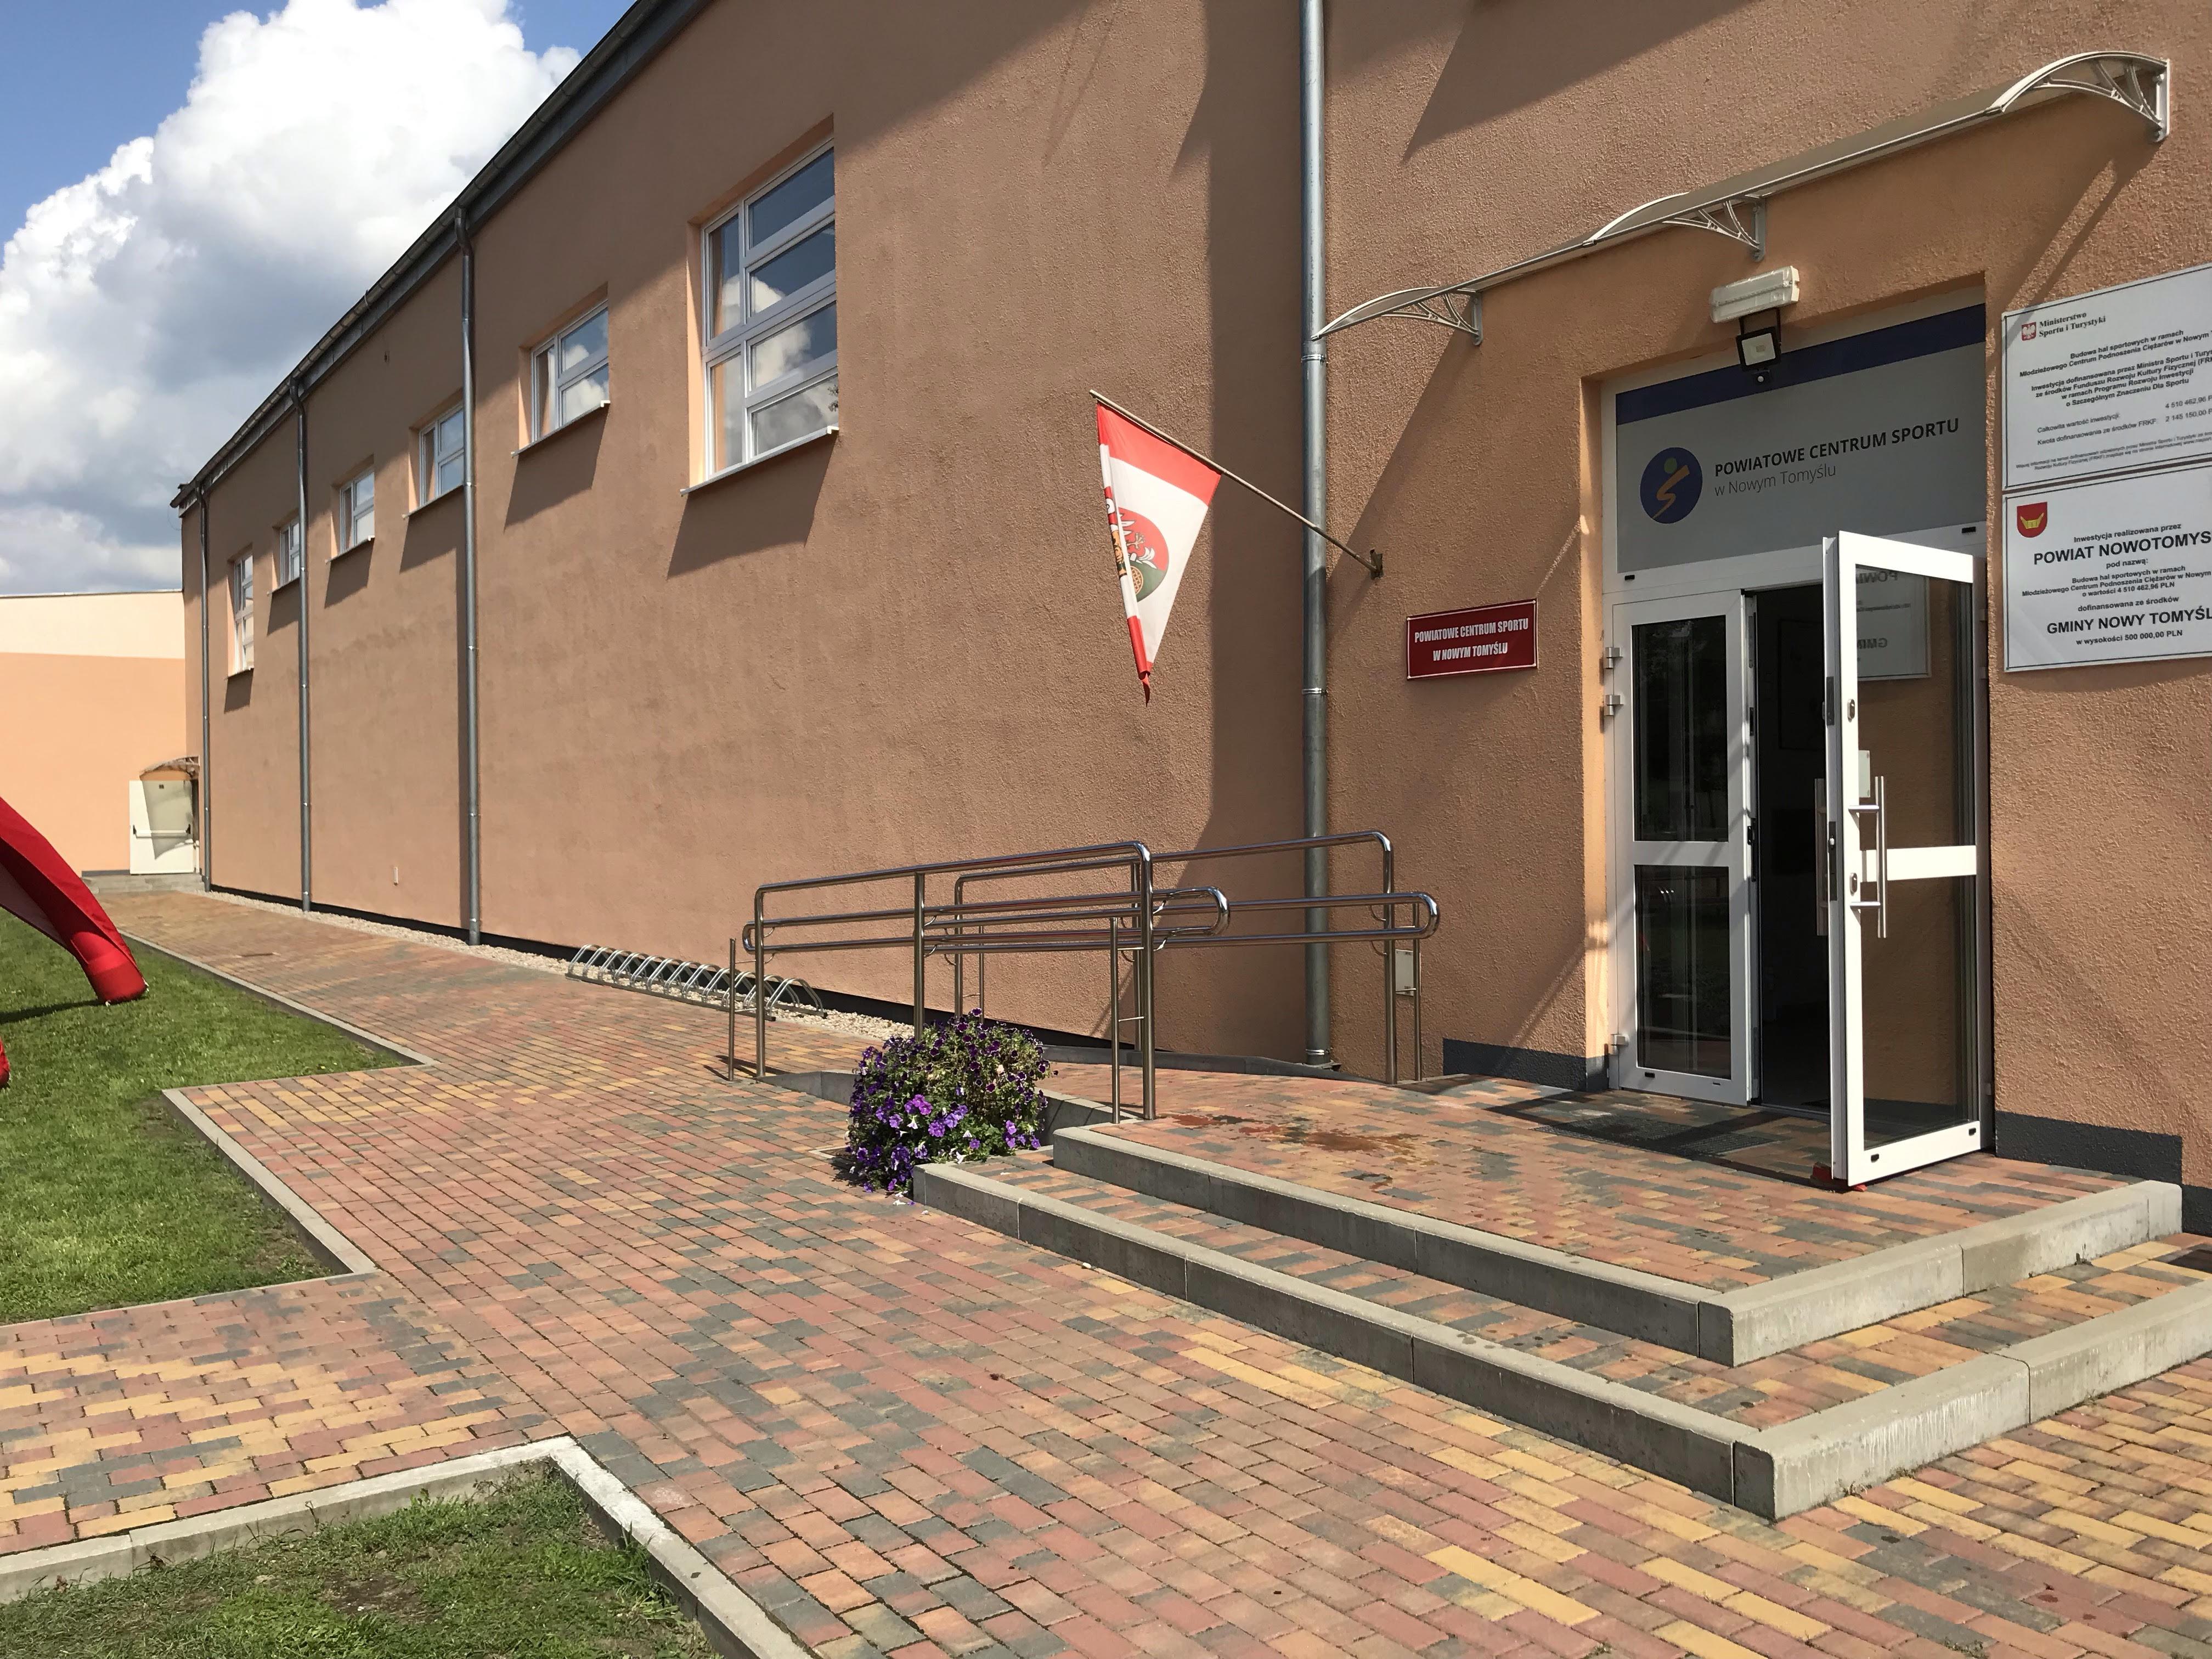 Budynek Powiatowego Centrum Sportu w Nowym Tomyślu